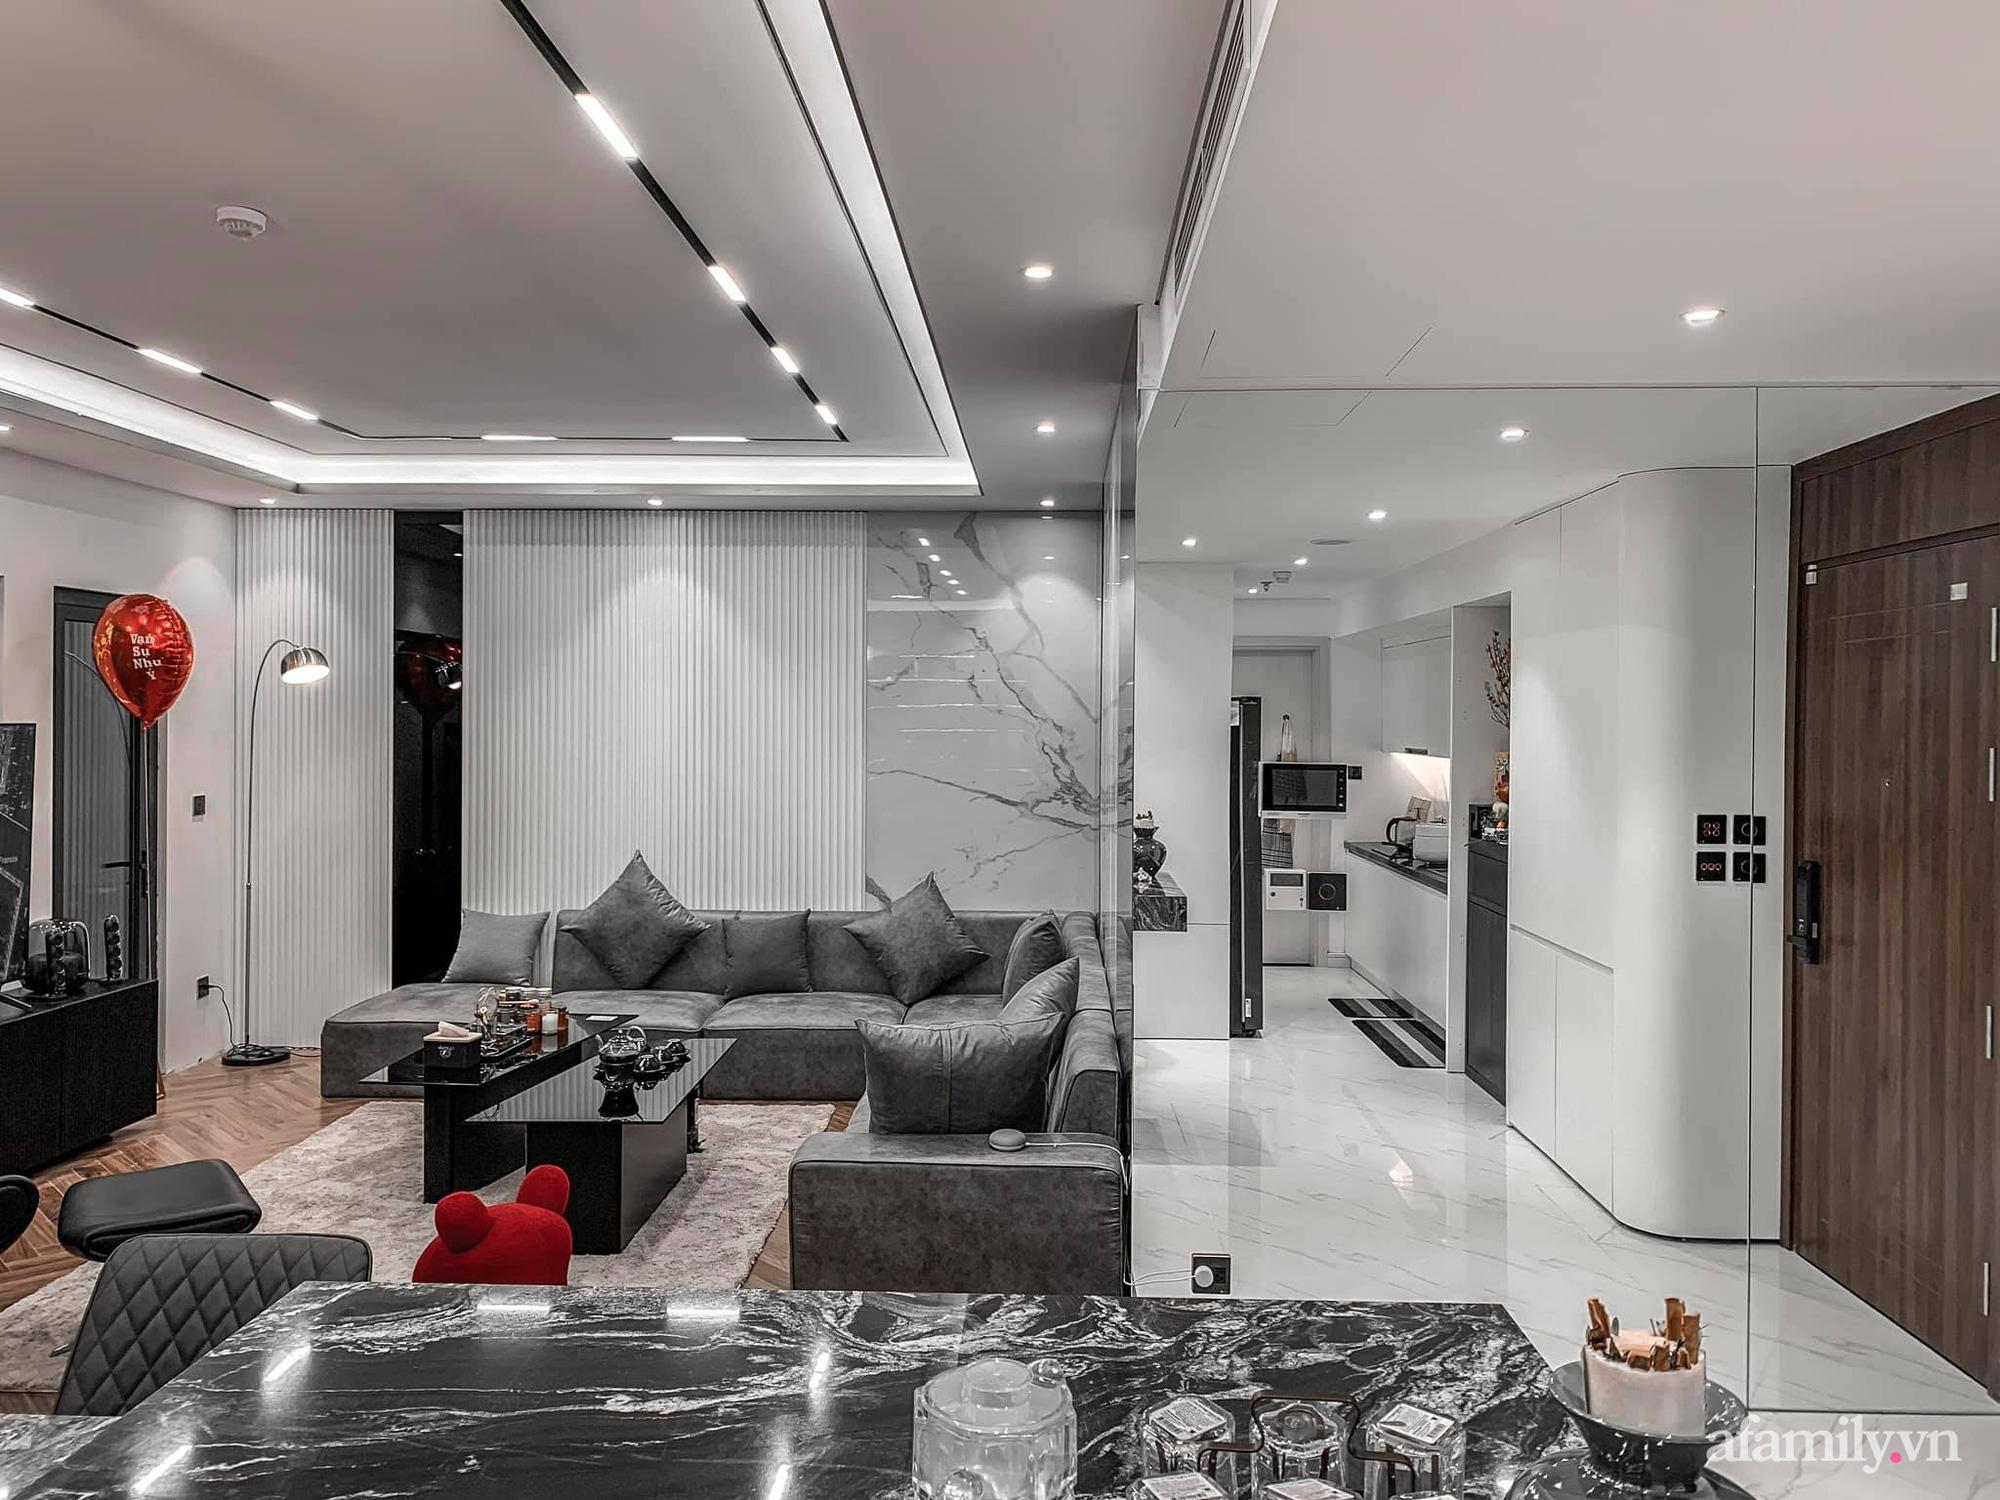 Căn hộ 125m² với gam màu tối cực chất của cặp vợ chồng yêu thời trang ở Hà Nội - Ảnh 2.